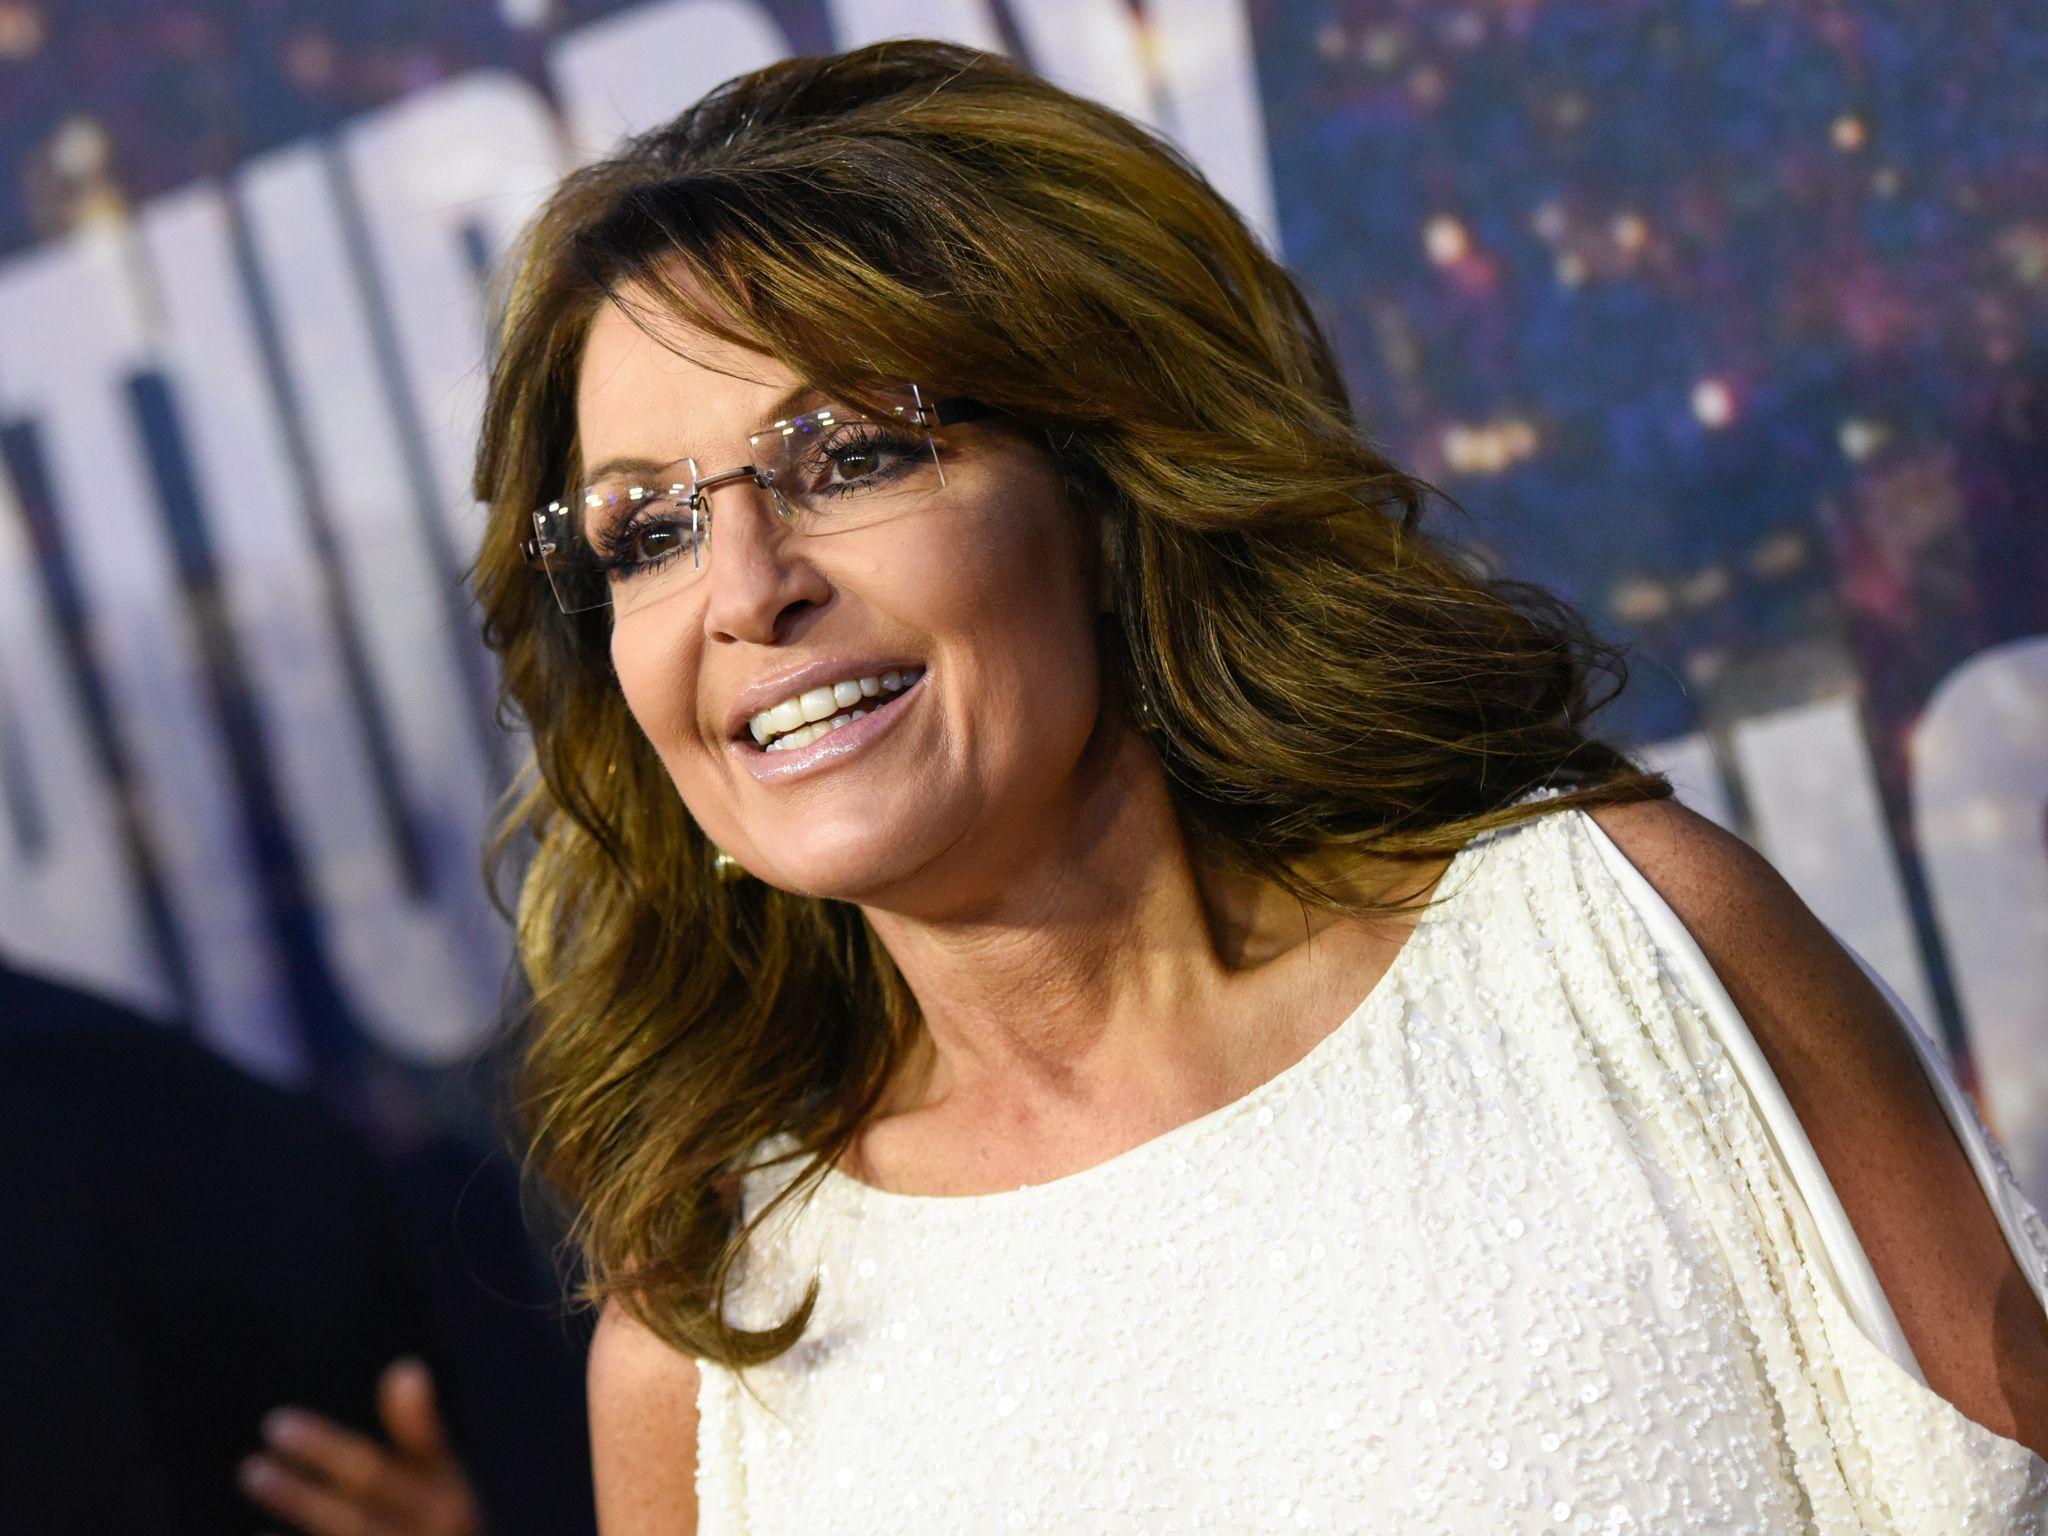 Sarah Palin de son nom de naissance Sarah Louise Heath née le 11 février 1964 2 à Sandpoint est une femme politique américaine membre du Parti républicain